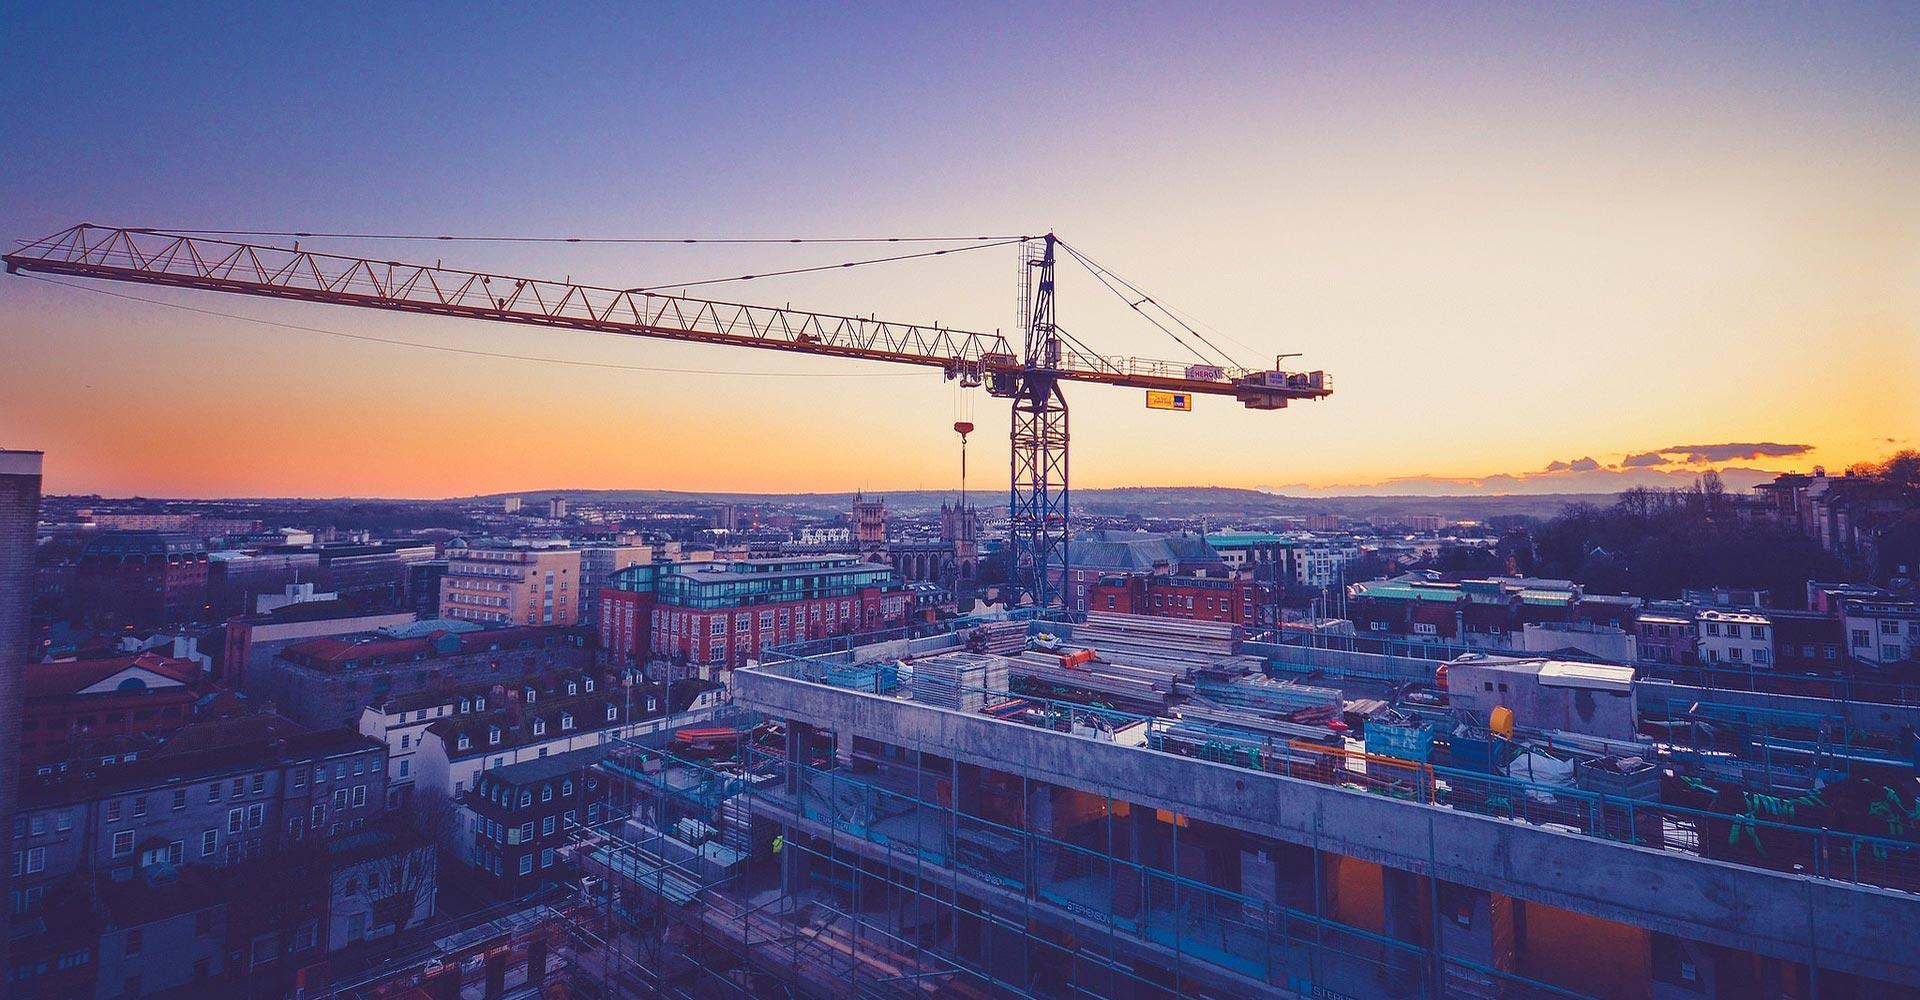 Hausbau, Straßenbau, Leitungsbau, Drohnenvermessung und mehr